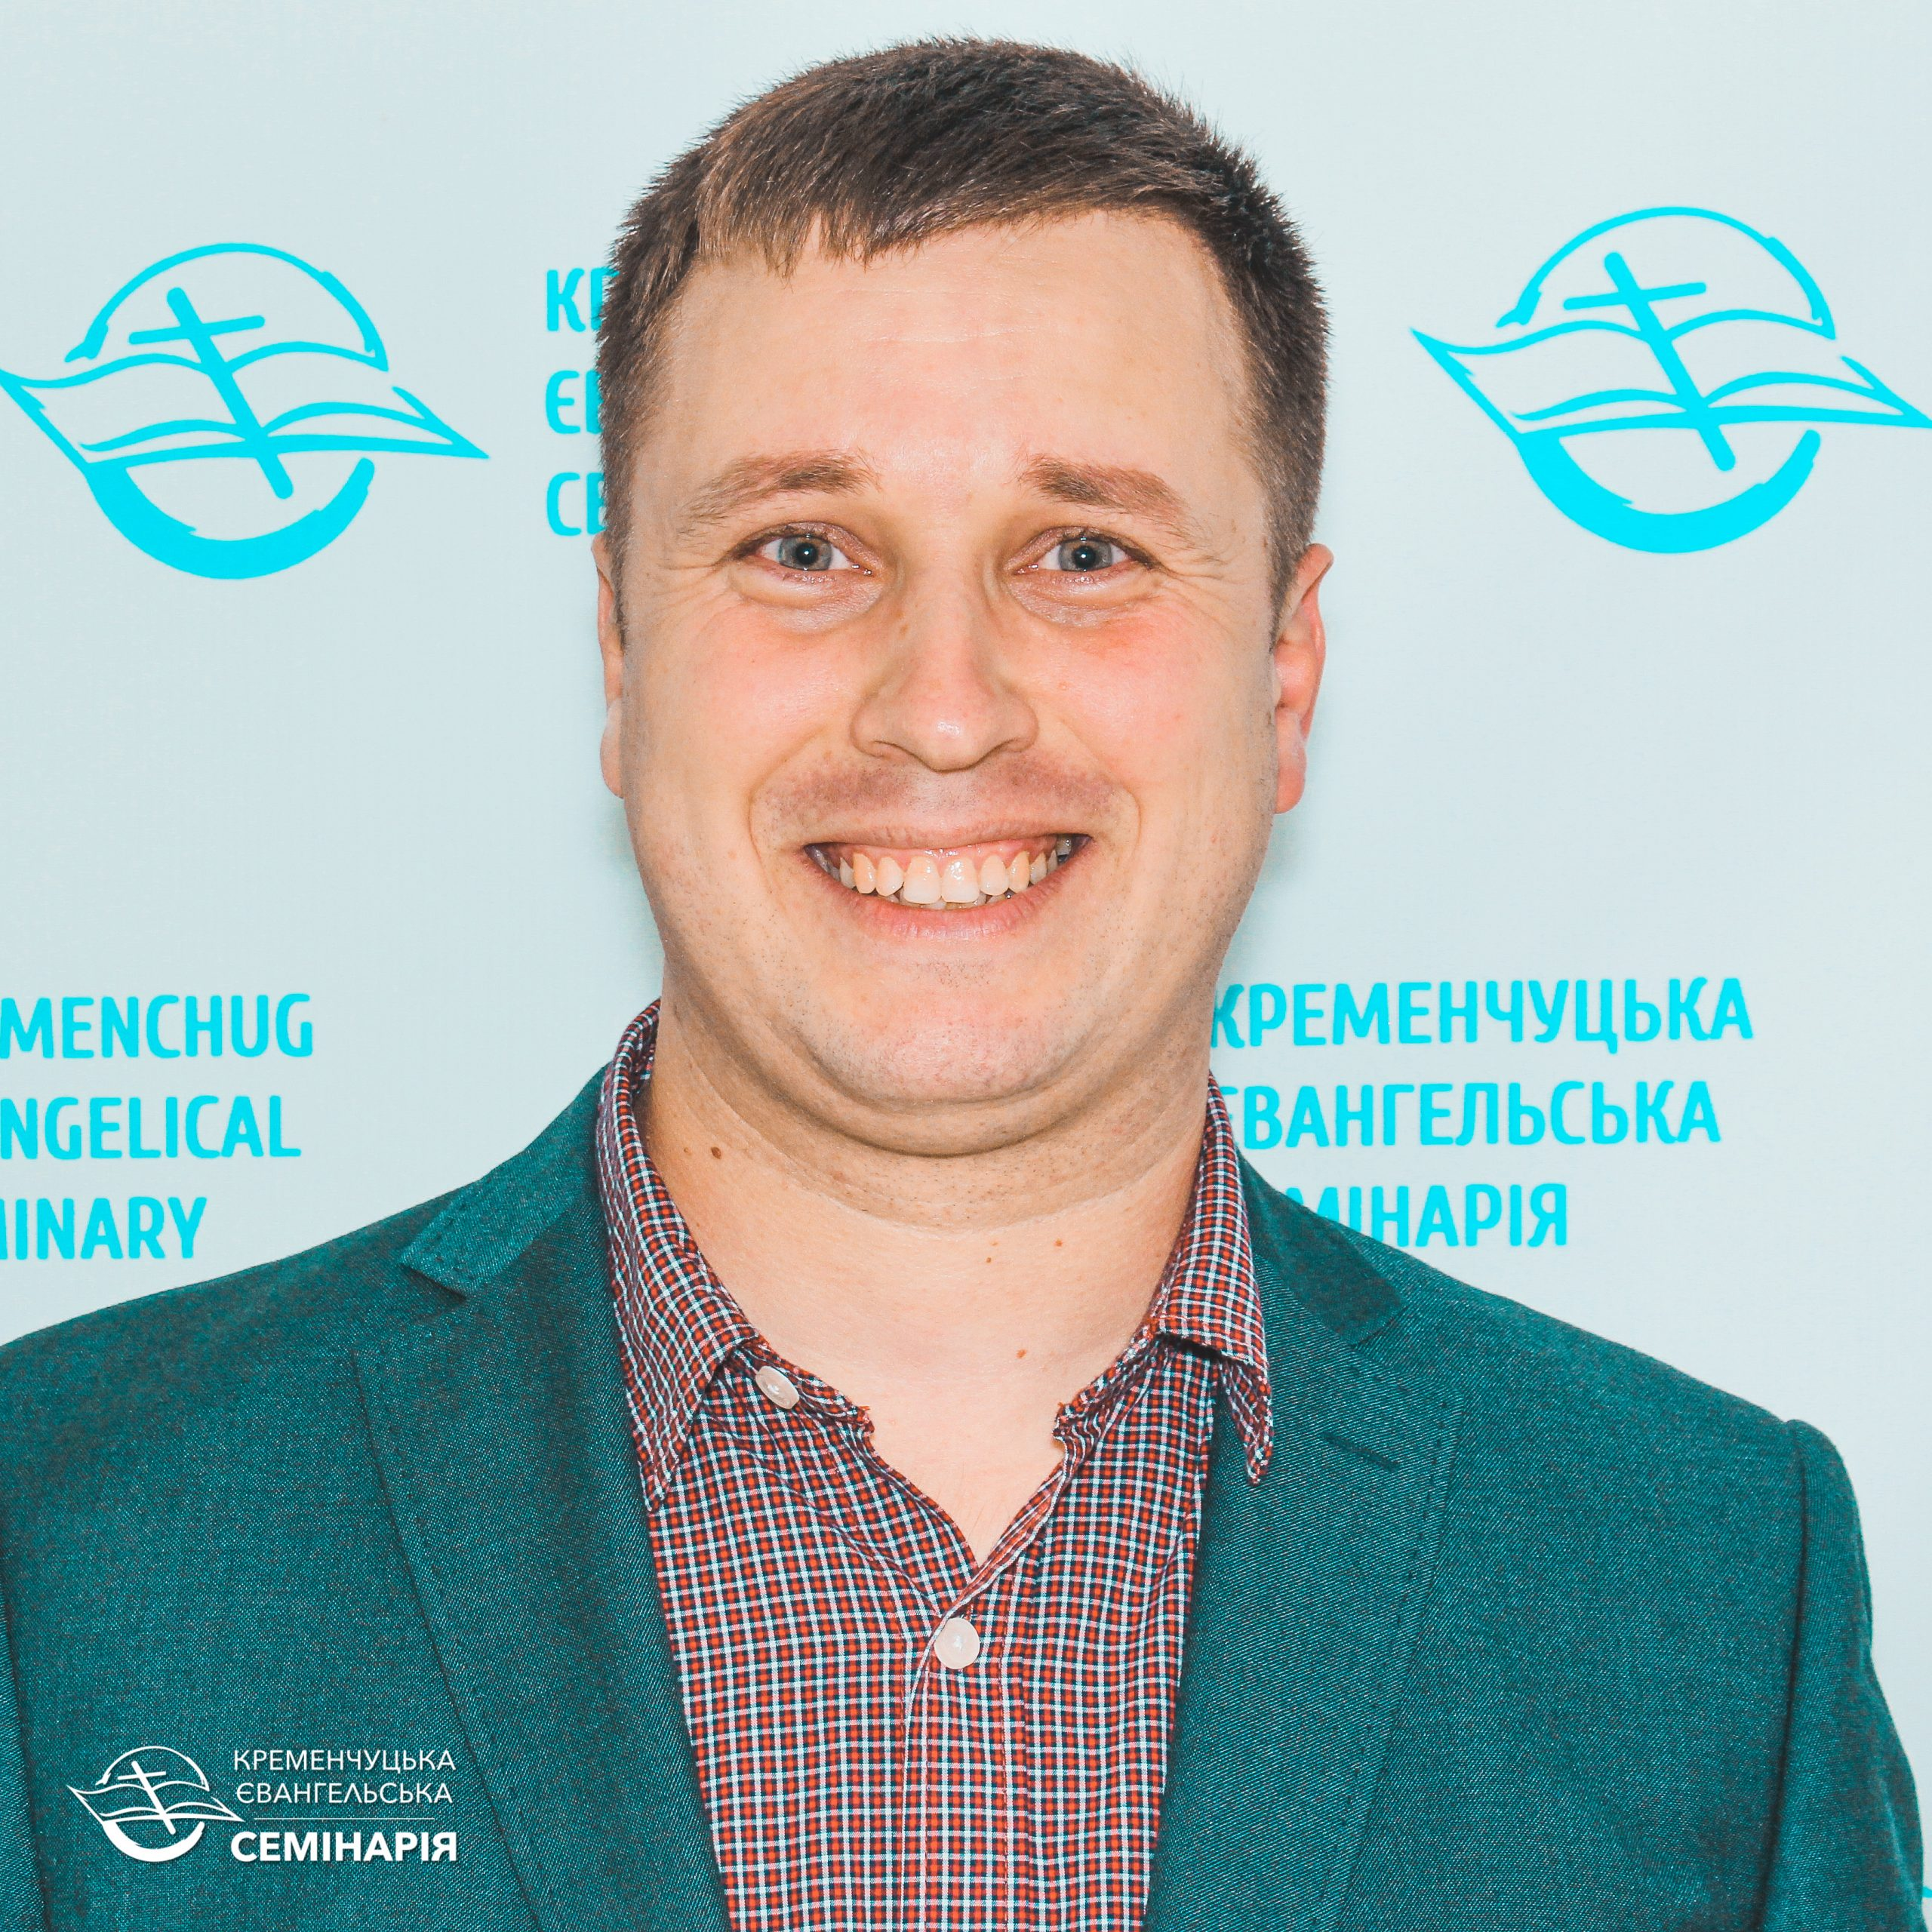 Зигаленко Андрей Александрович